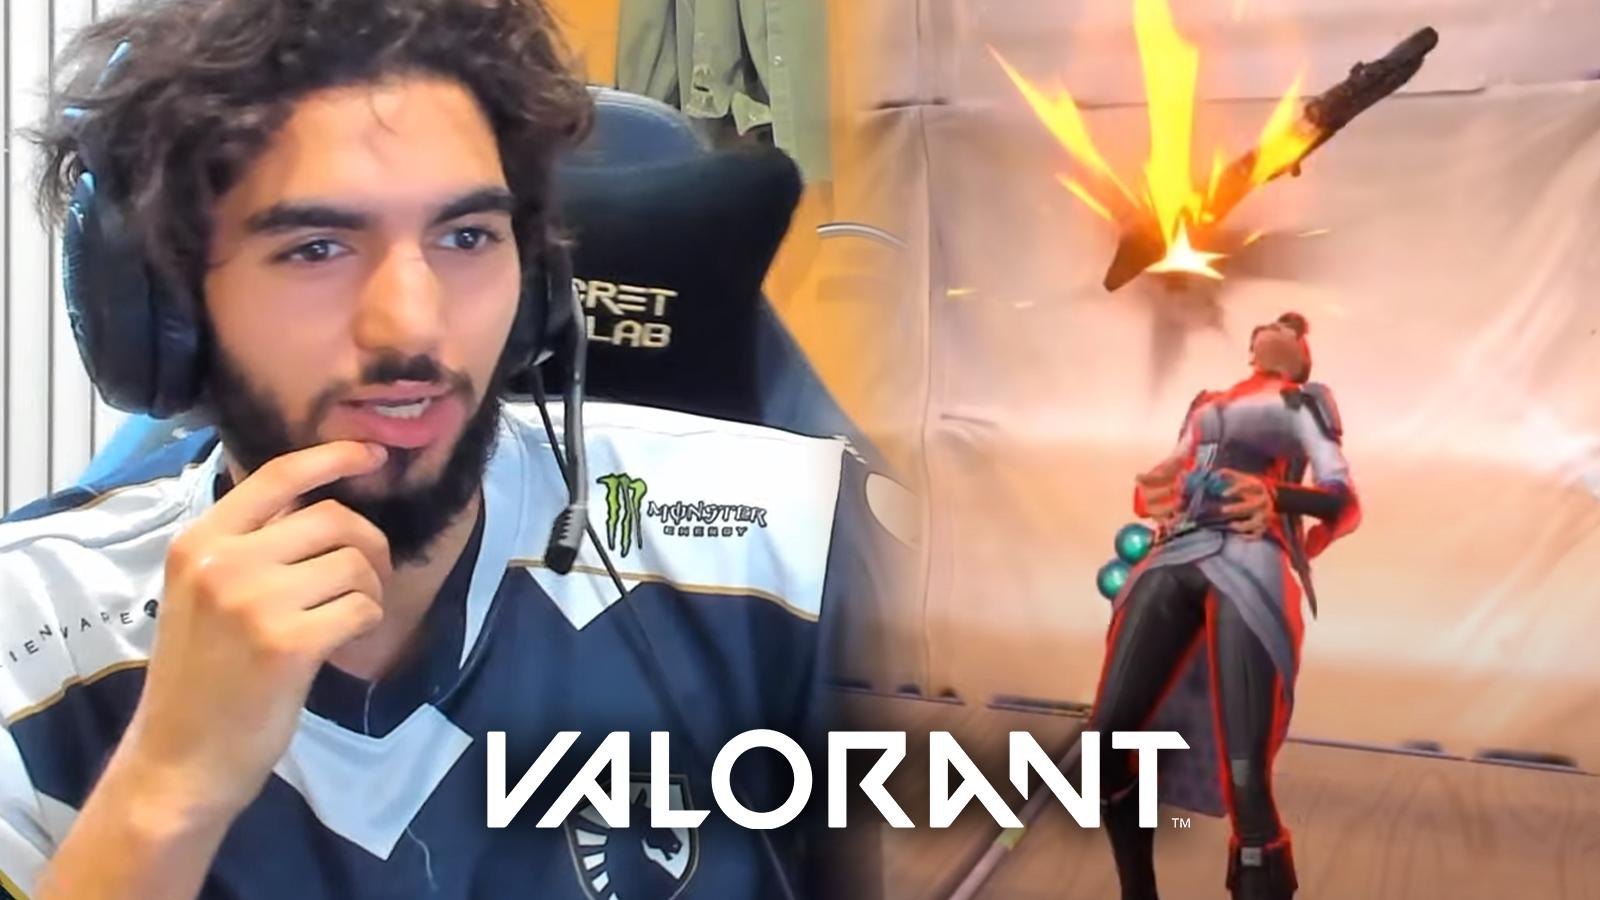 team liquid scream valorant aimpunch